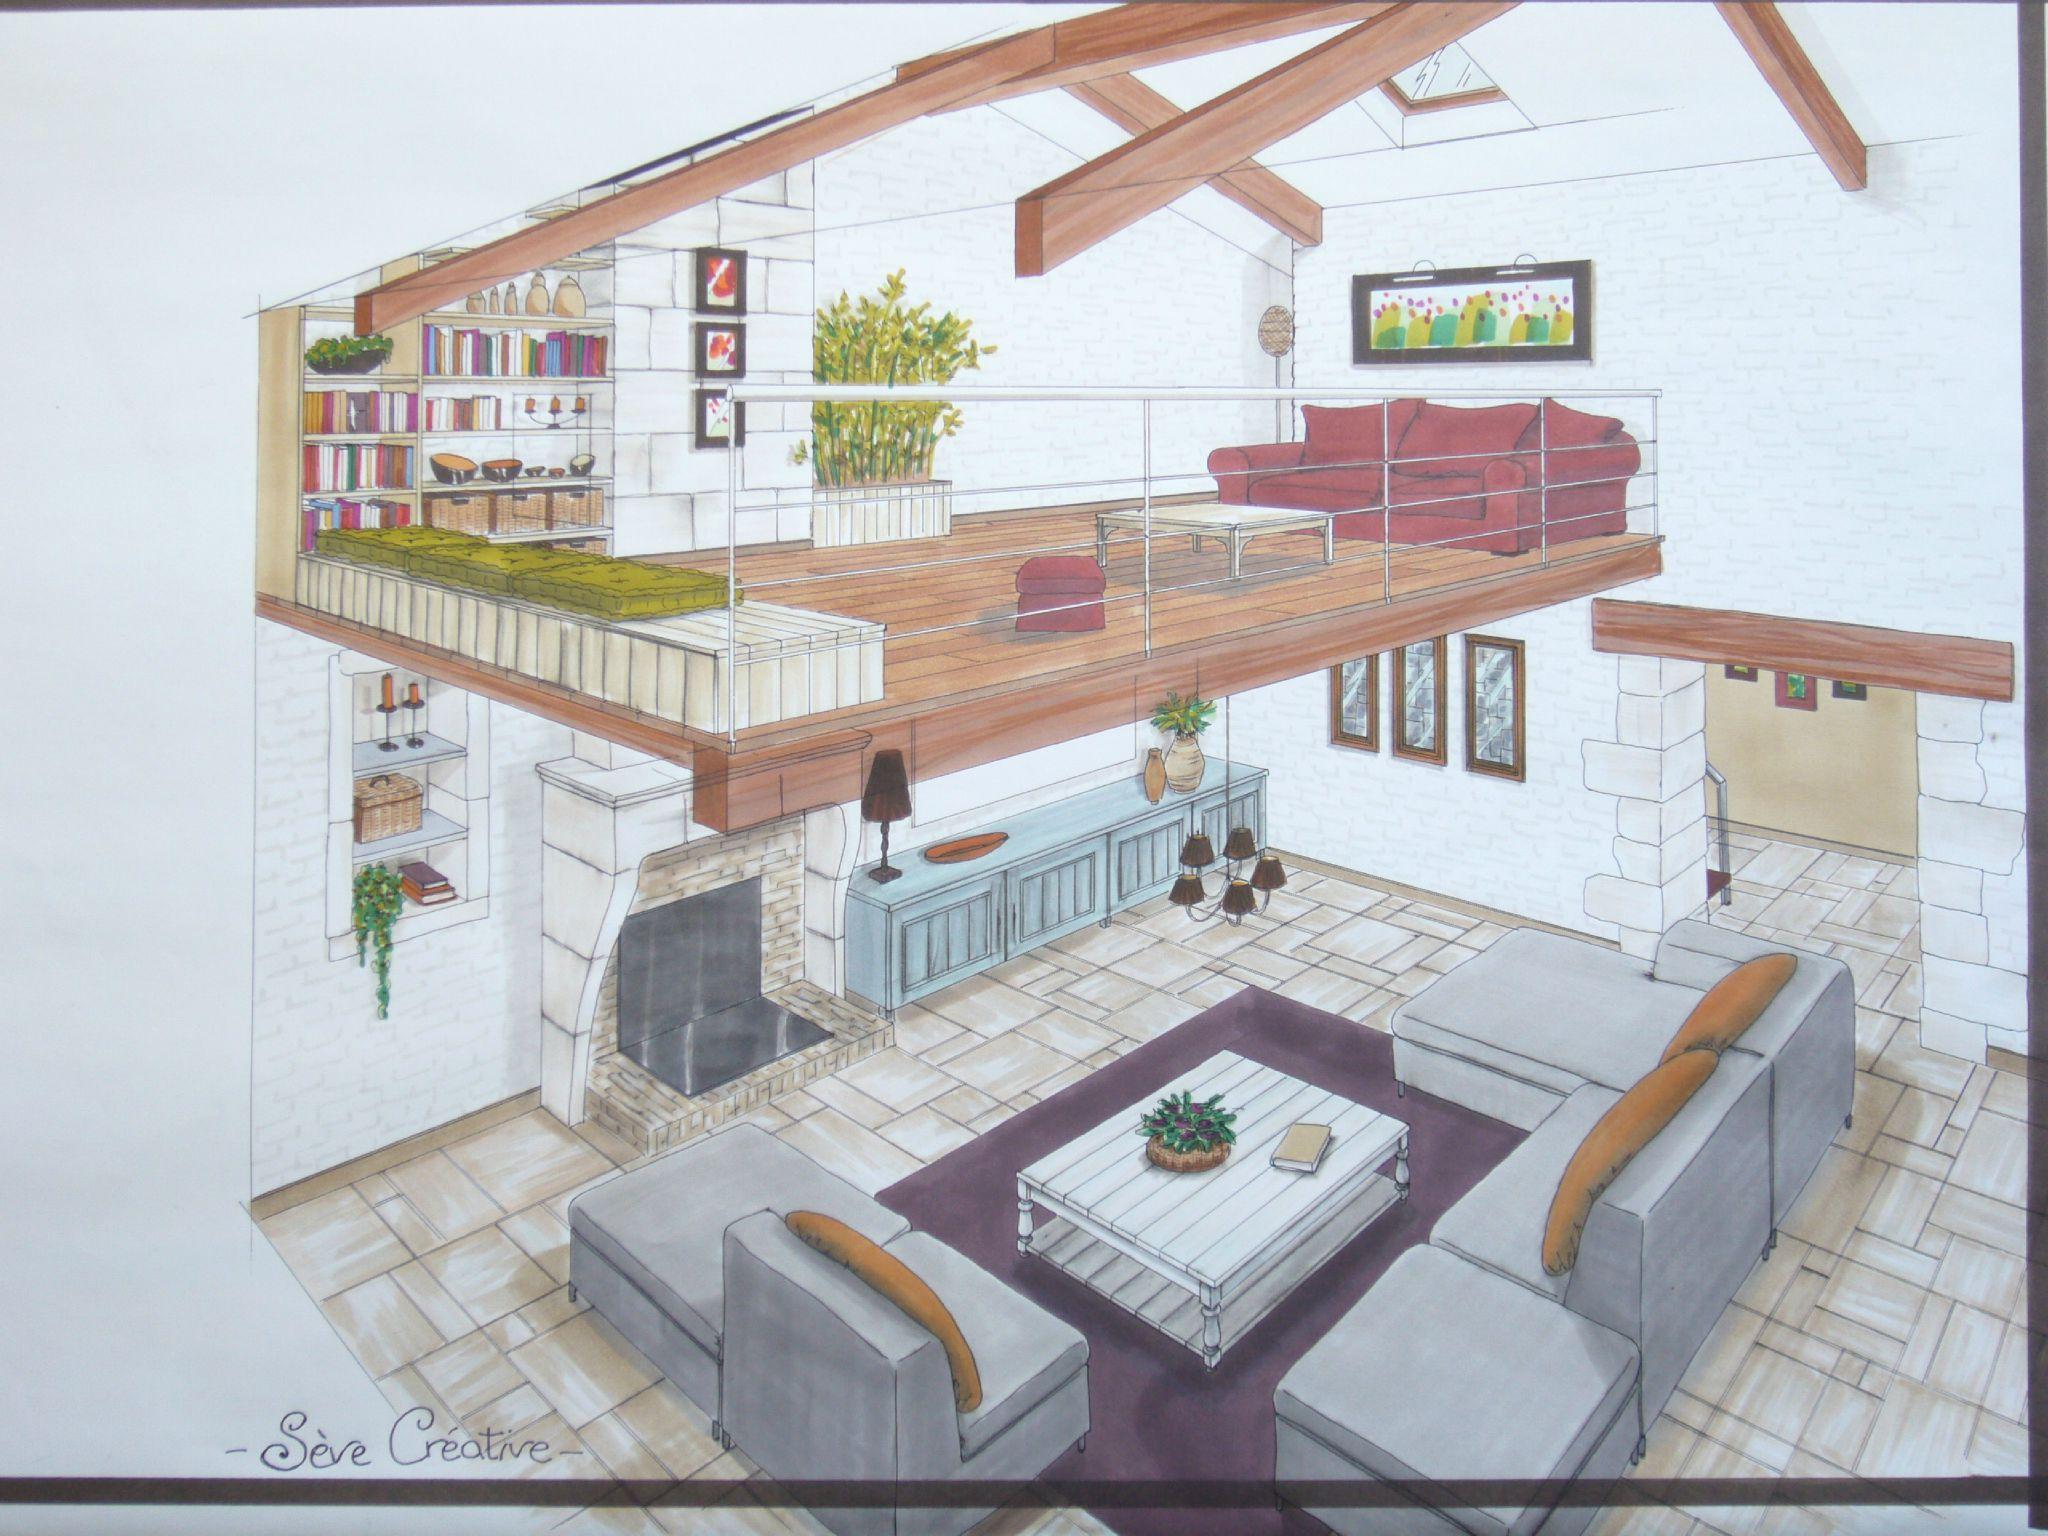 conseils en am nagement d 39 une b tisse ancienne espaces de la maison pinterest maison. Black Bedroom Furniture Sets. Home Design Ideas